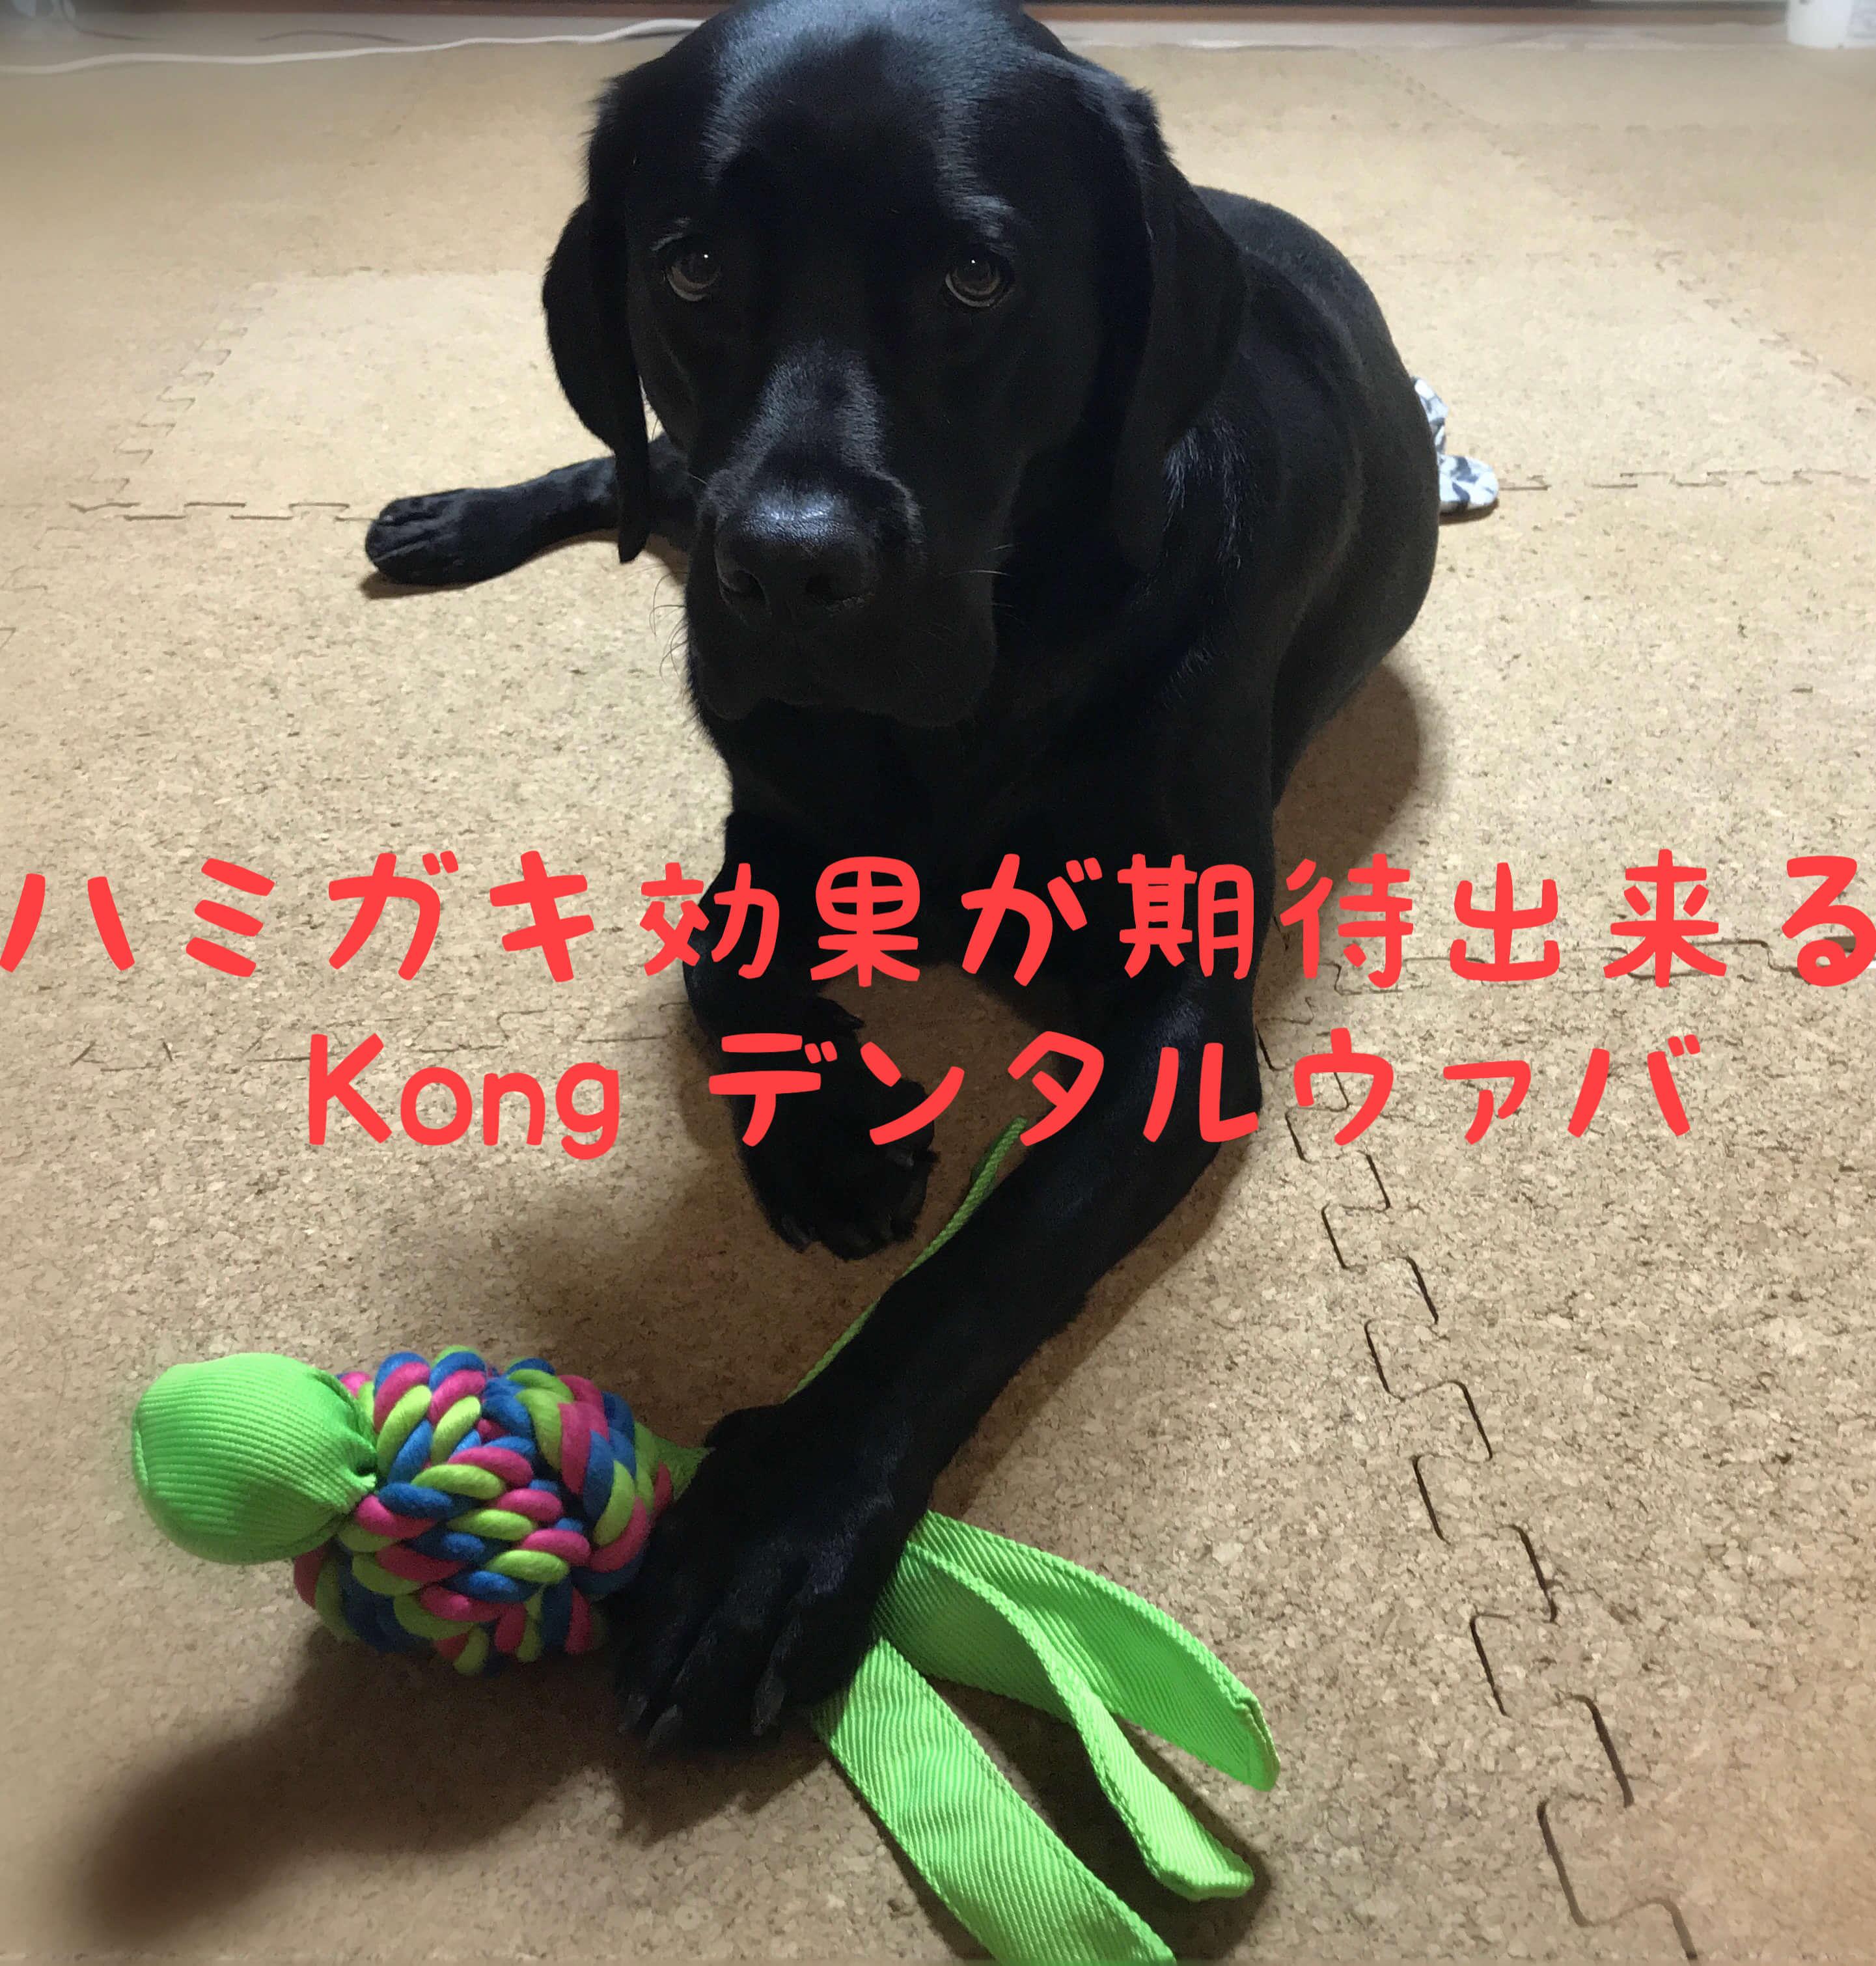 ハミガキ効果が期待できる Kong デンタルウァバ 黒のラブラドールレトリバー